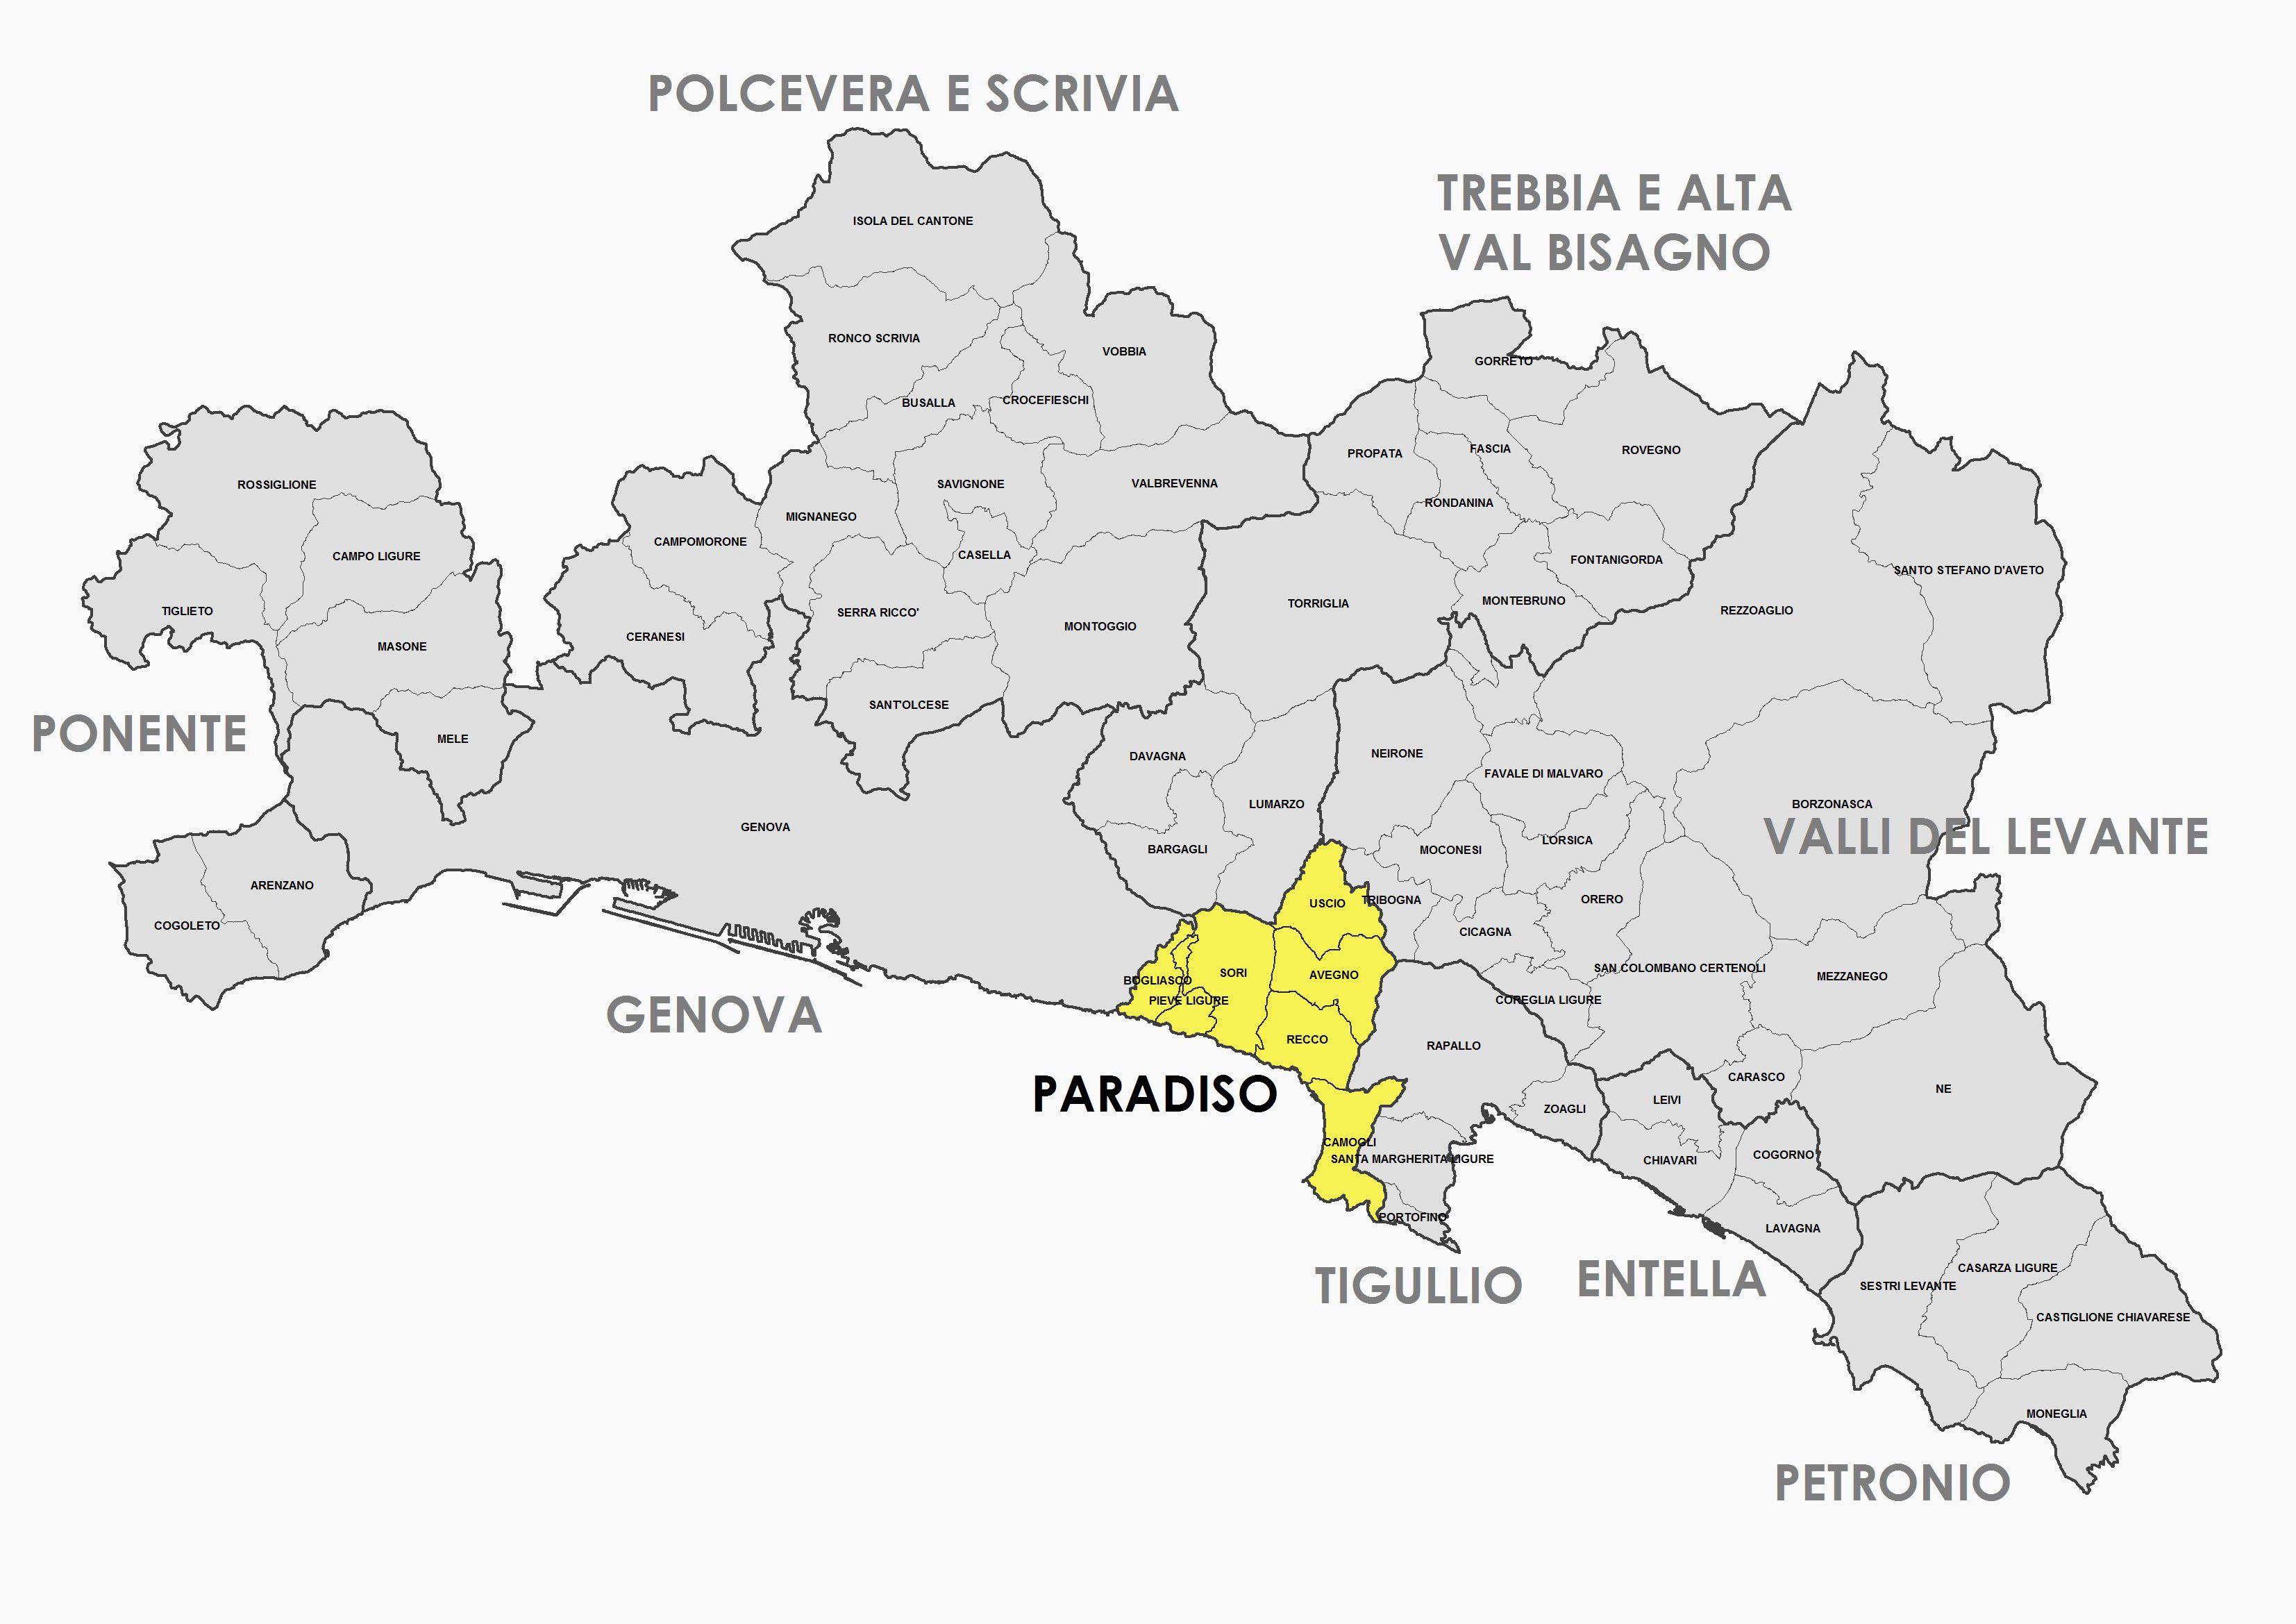 Zona Omogenea - Paradiso - Comuni